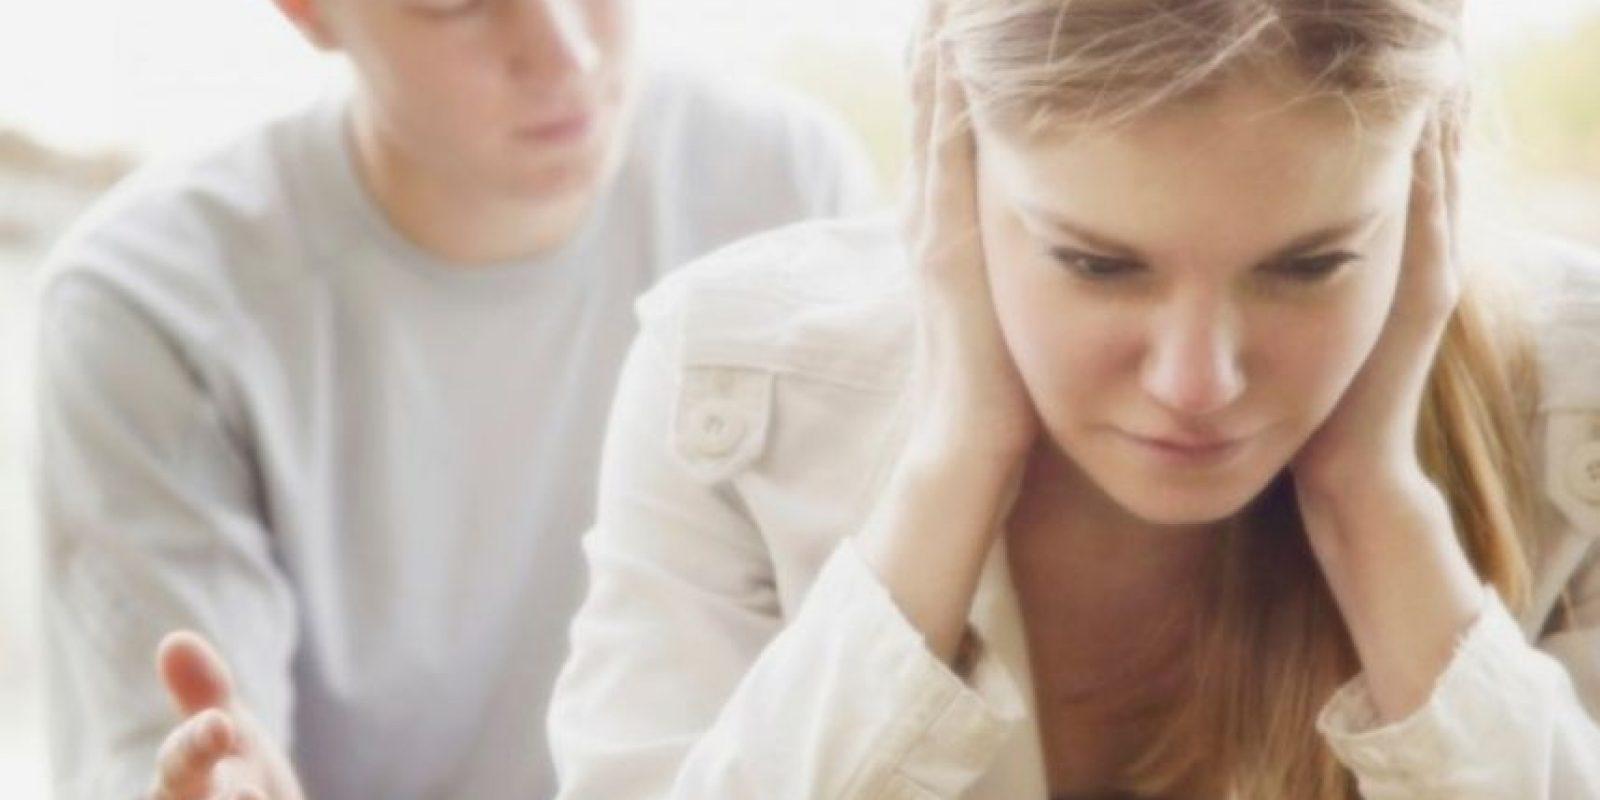 Las personas dentro de una relación tienen que crecer por su cuenta. Foto:Pinterest